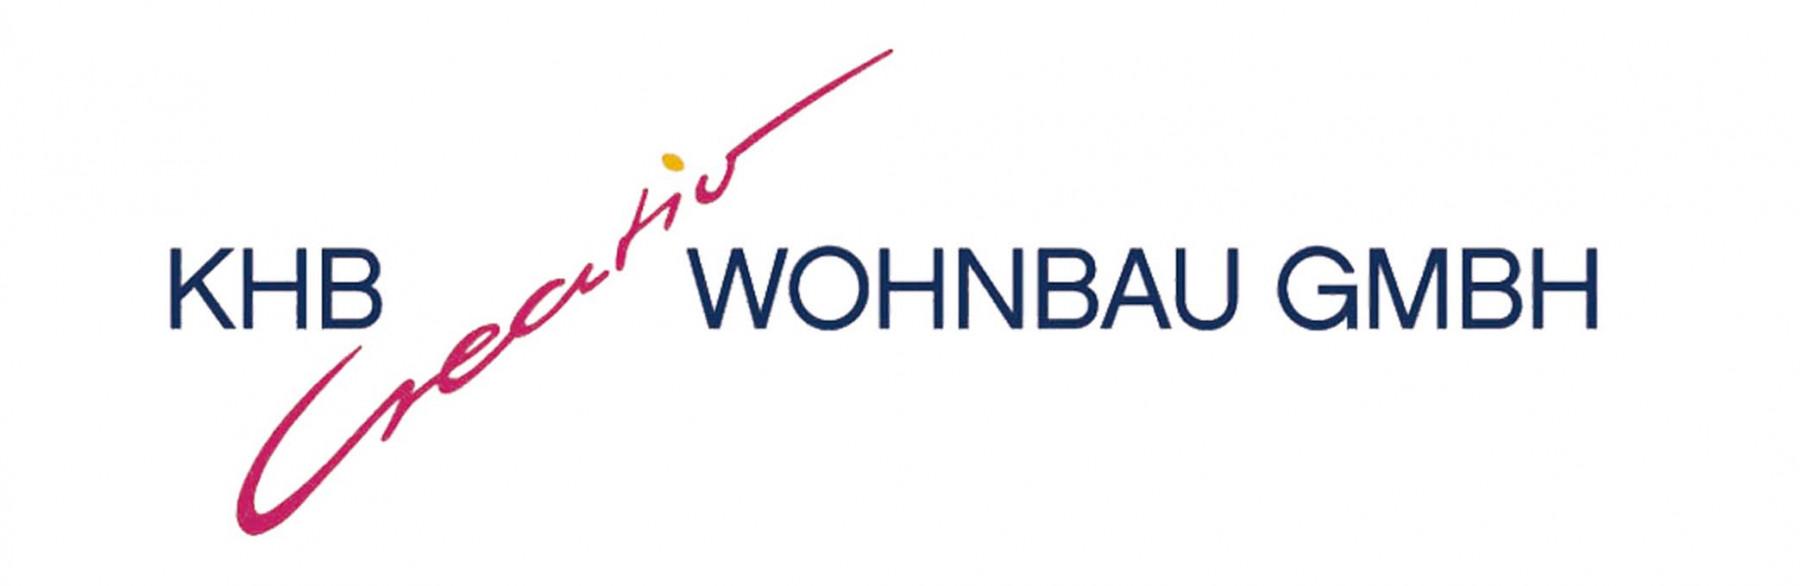 Bild Logo von: KHB-Ceativ Wohnbau GmbH